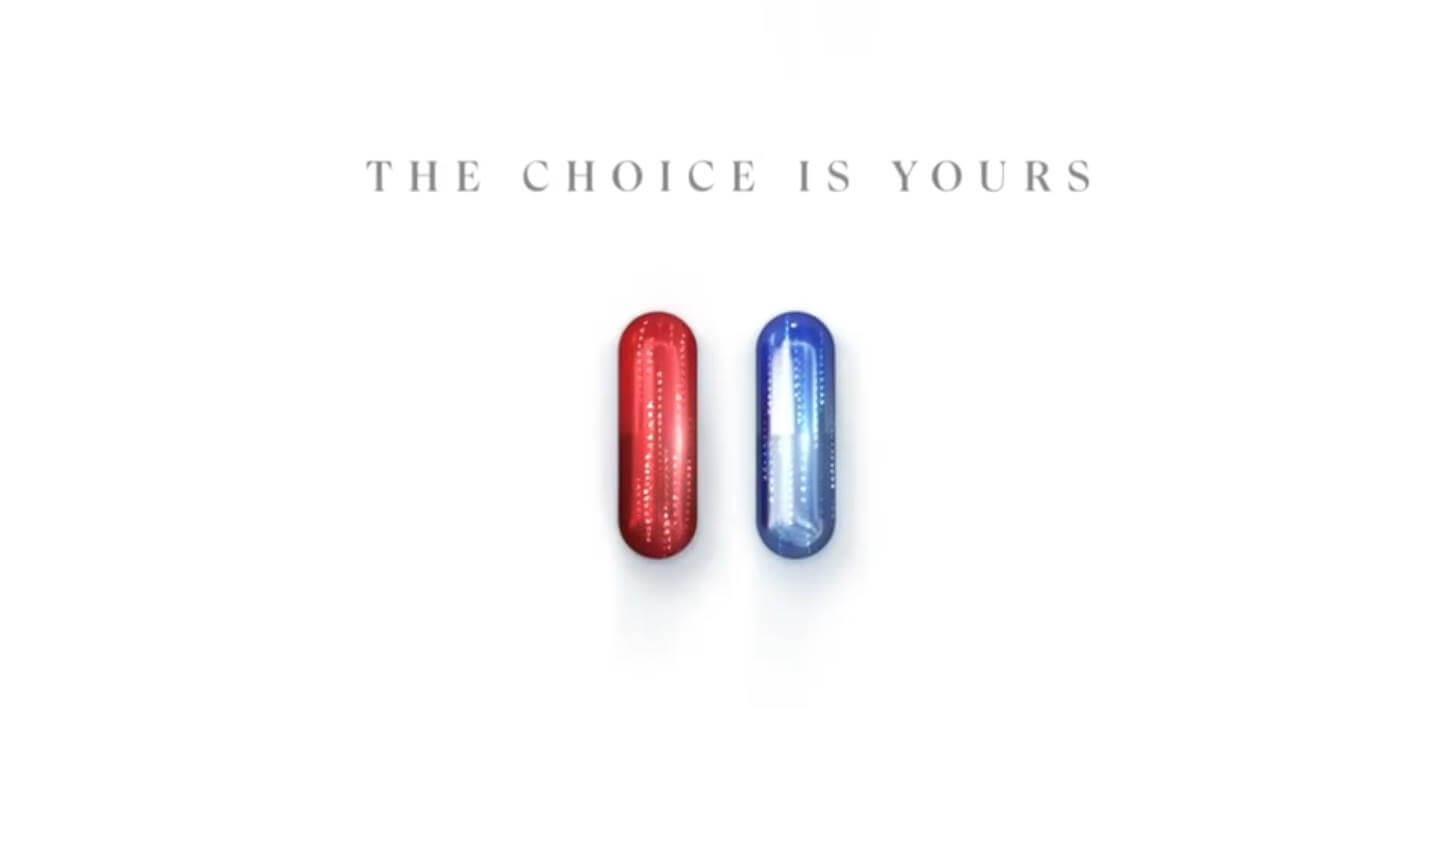 matrix 4 trailer blue pill red pill